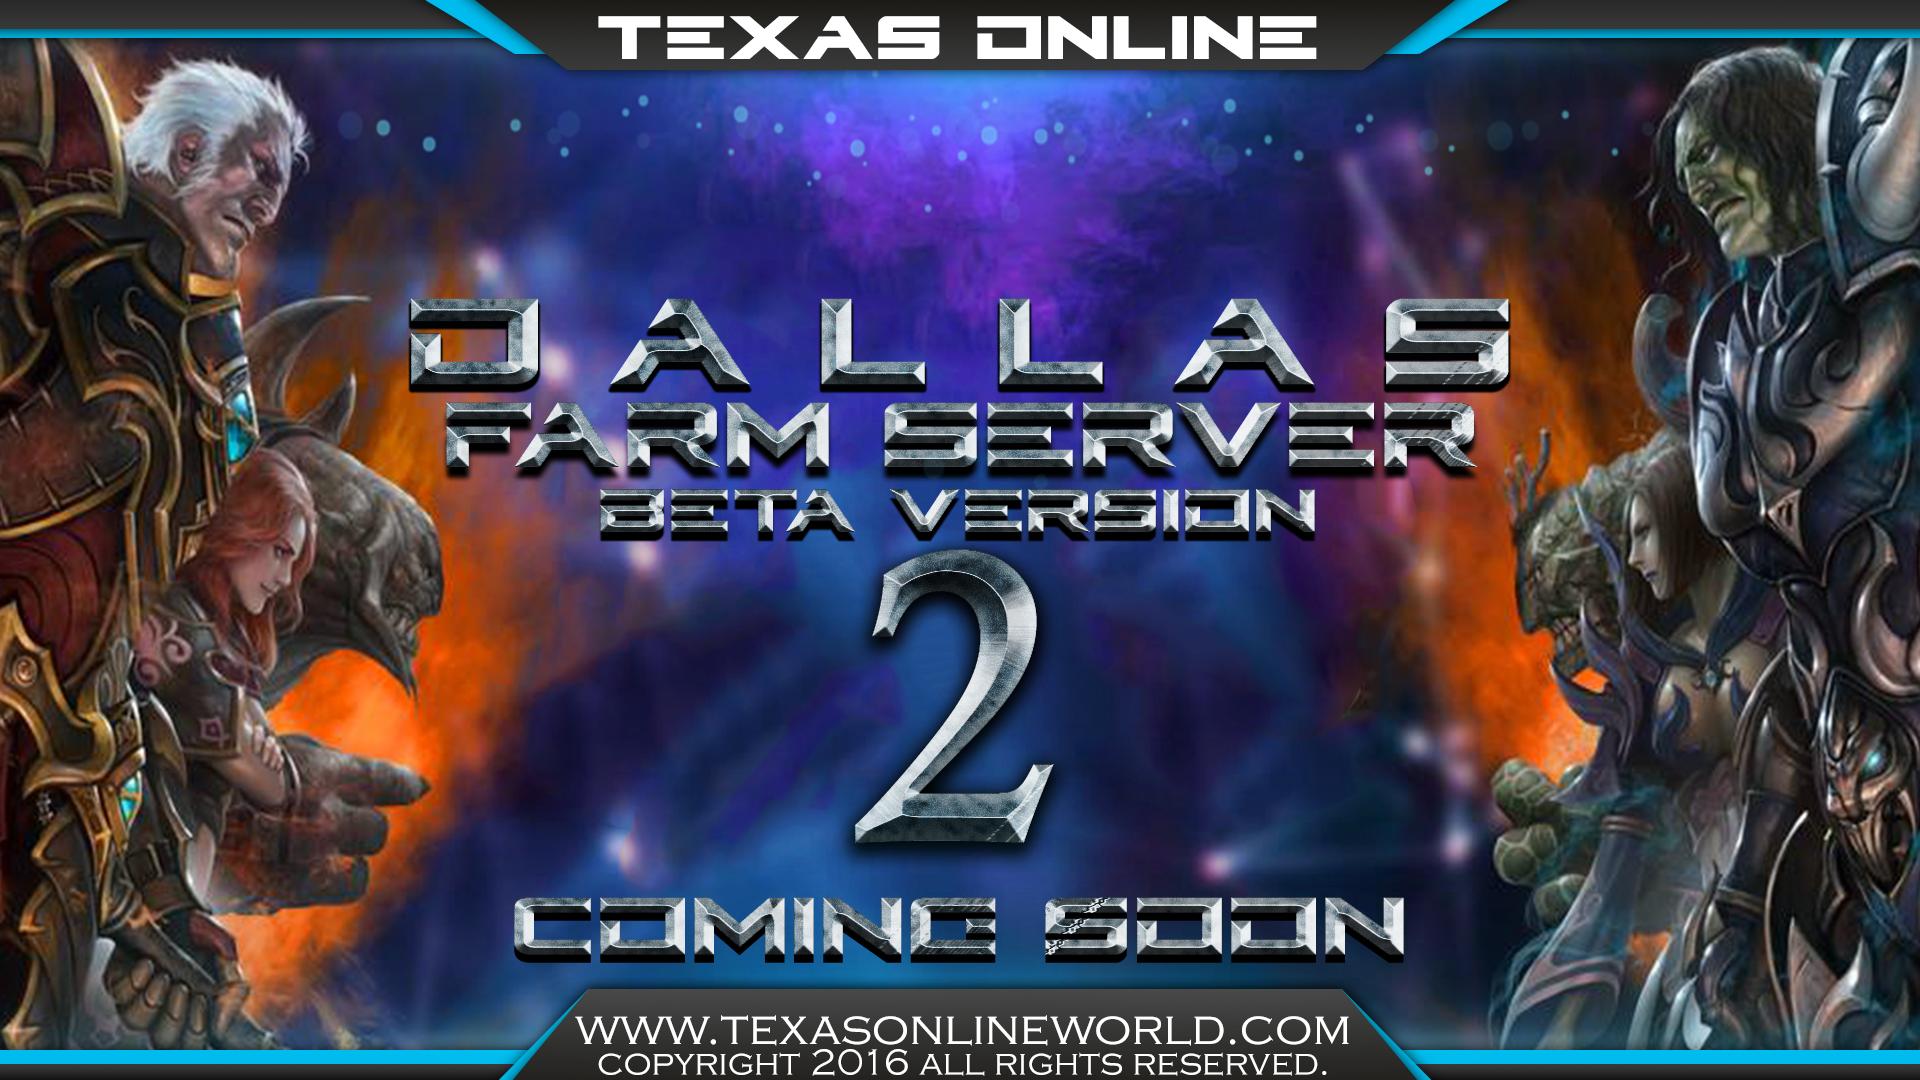 Texas Online World - Dallas Sunucu Acılıyor